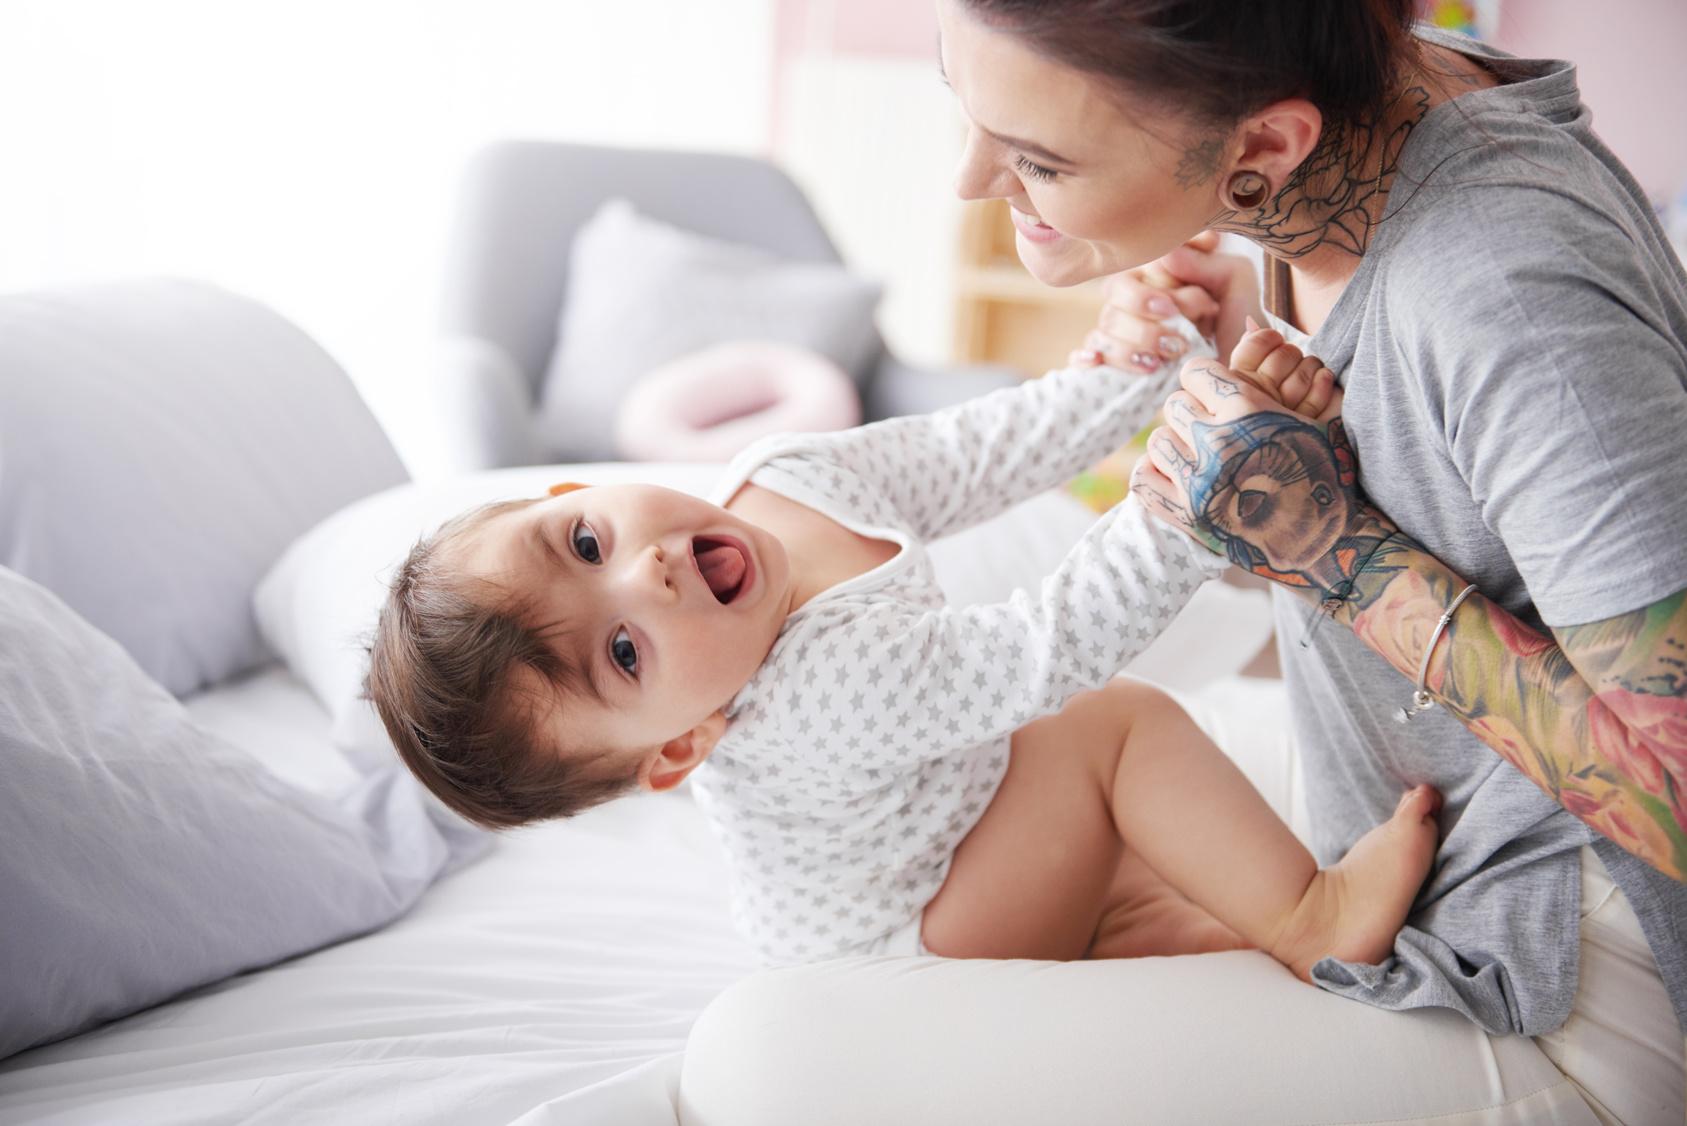 Per Photoshop - Mutter verpasst ihrem Baby ein Wangen-Piercing: Ist sowas okay?